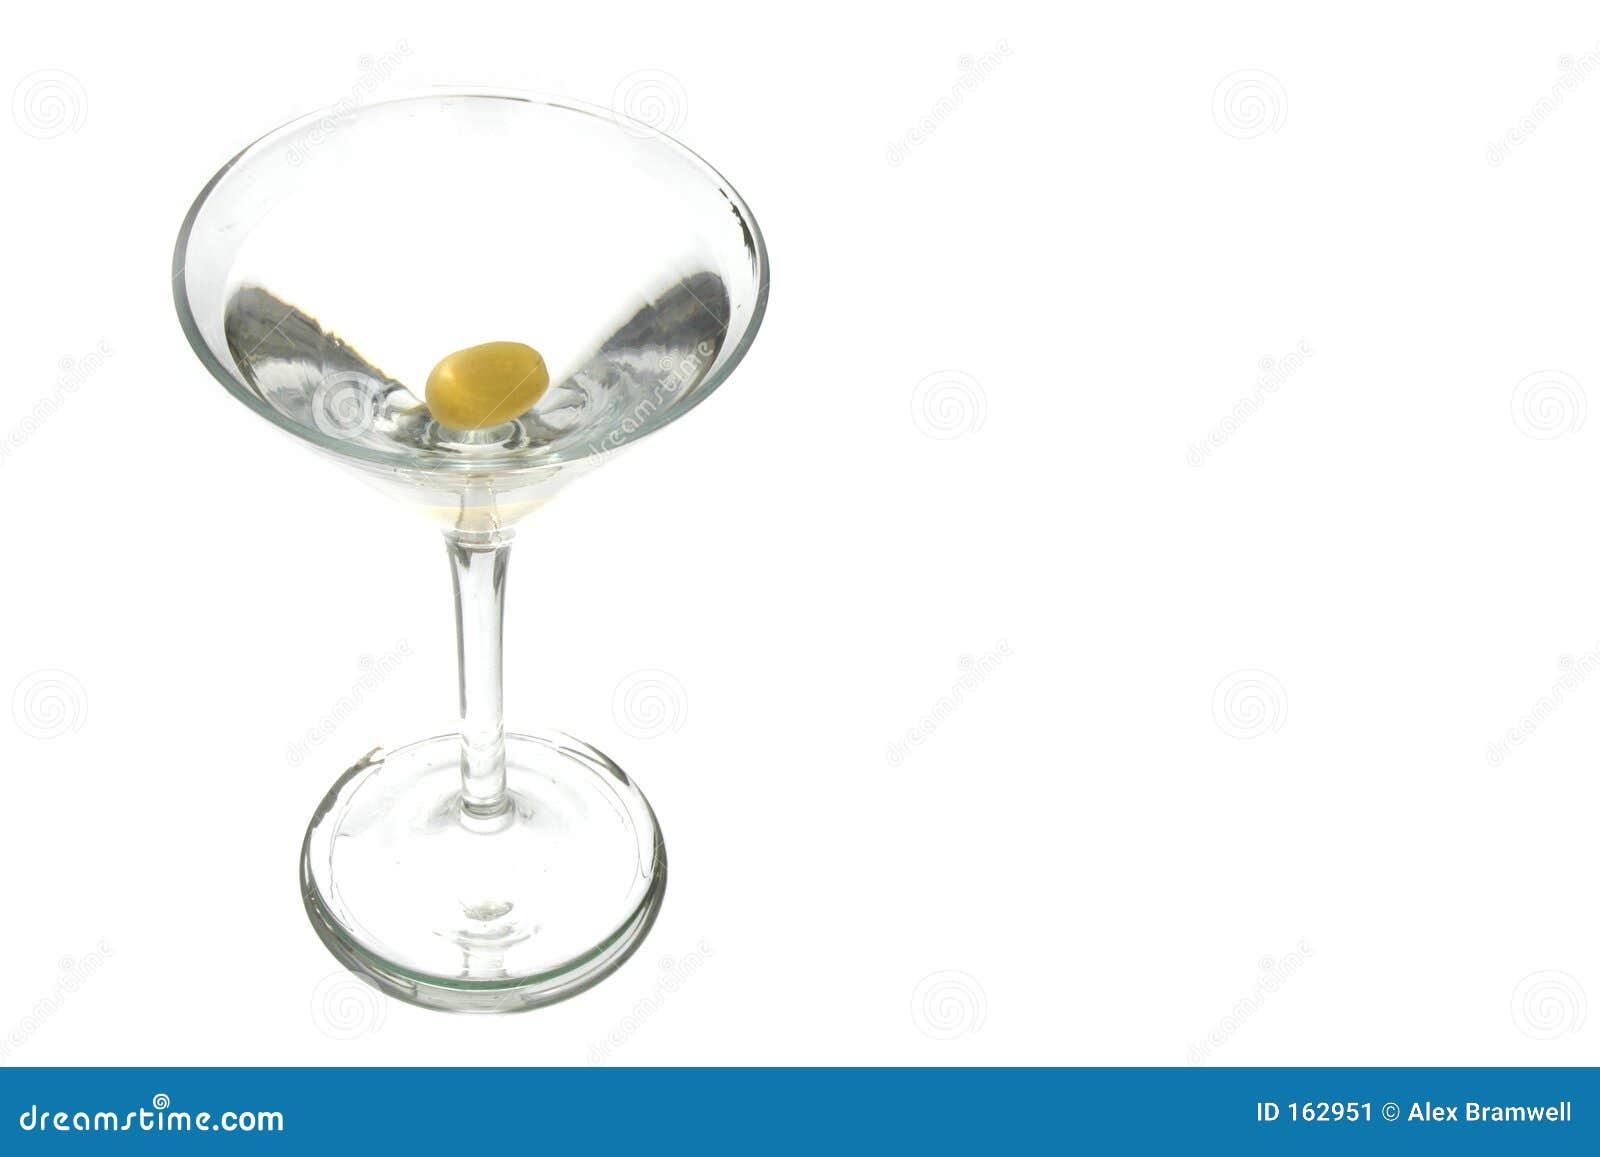 马蒂尼鸡尾酒伏特加酒